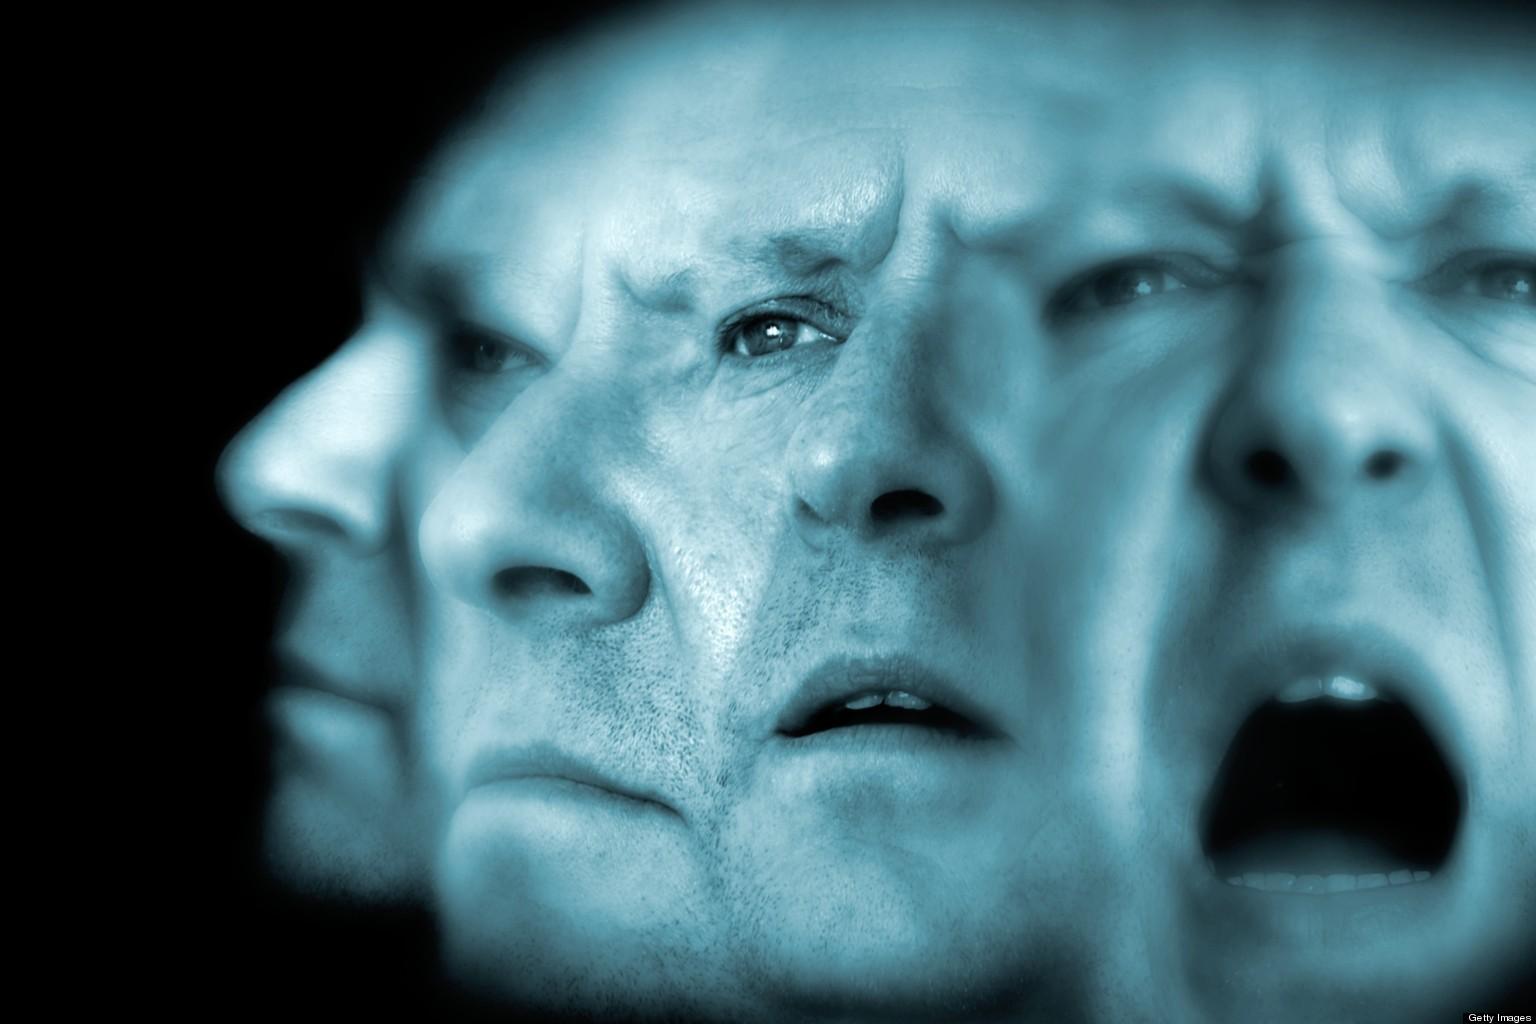 اسکیزوفرنی (شیزوفرنی) چیست و علائم و درمان اسکیزوفرنی چگونه است؟